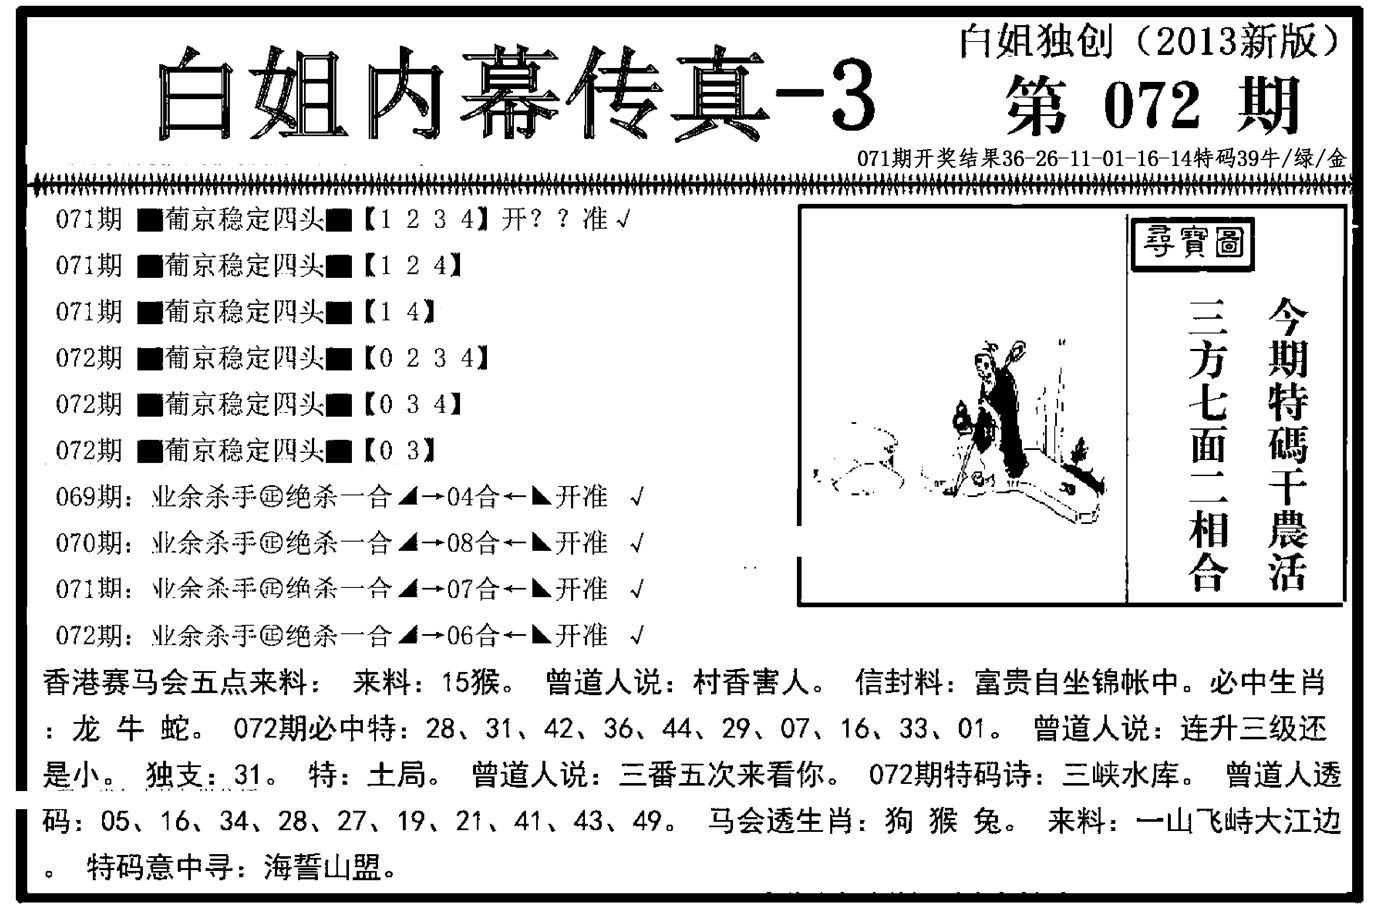 072期白姐内幕传真-3(黑白)